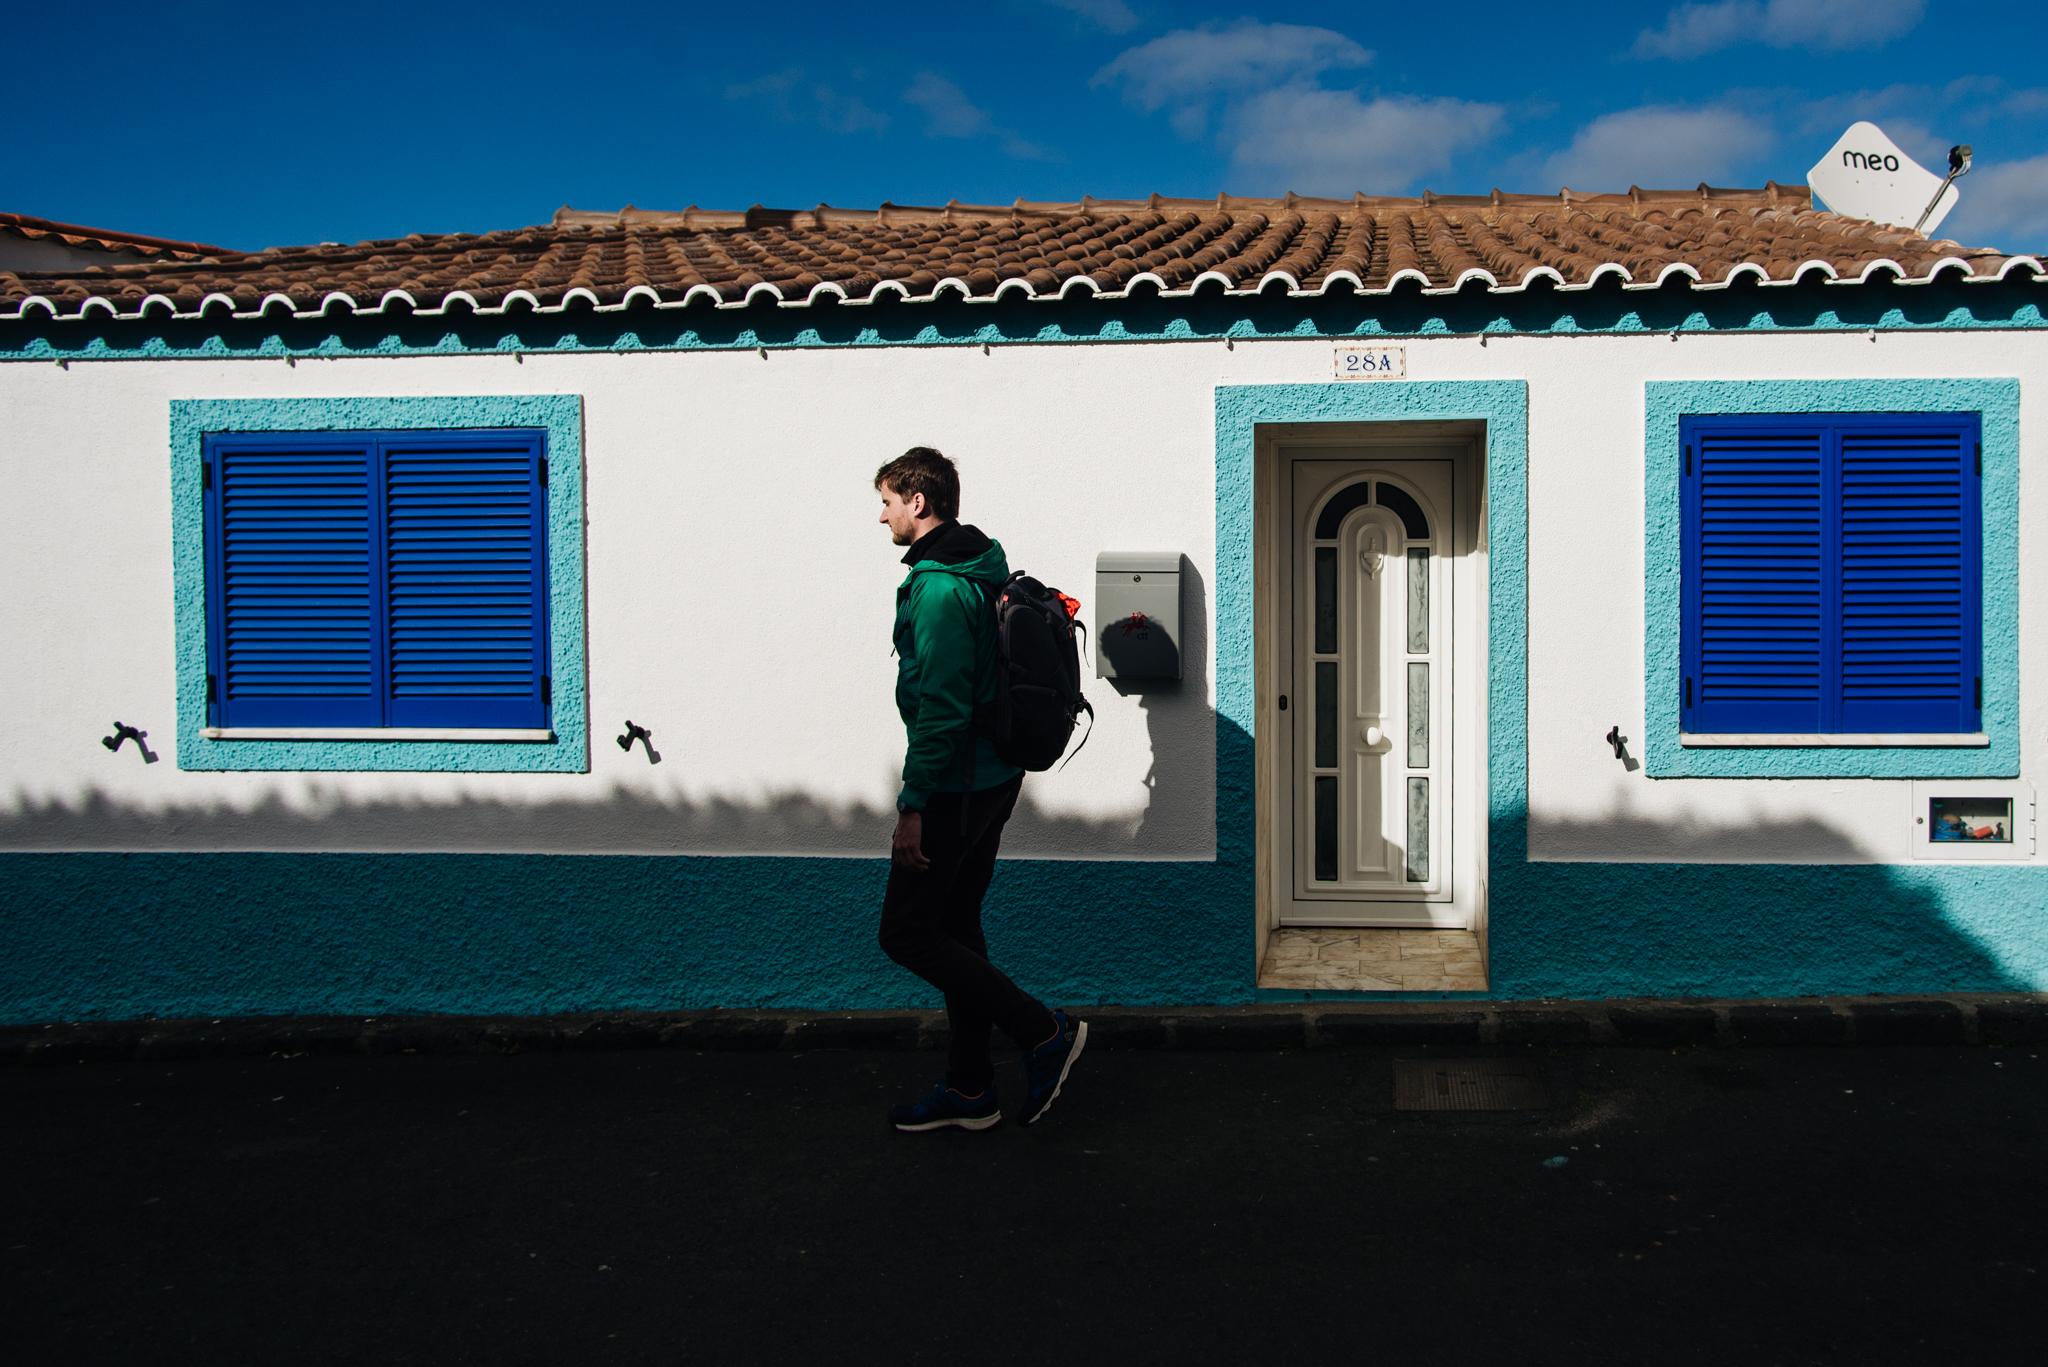 Ház Mosteiros-ban. Fotó: Dobó Diána